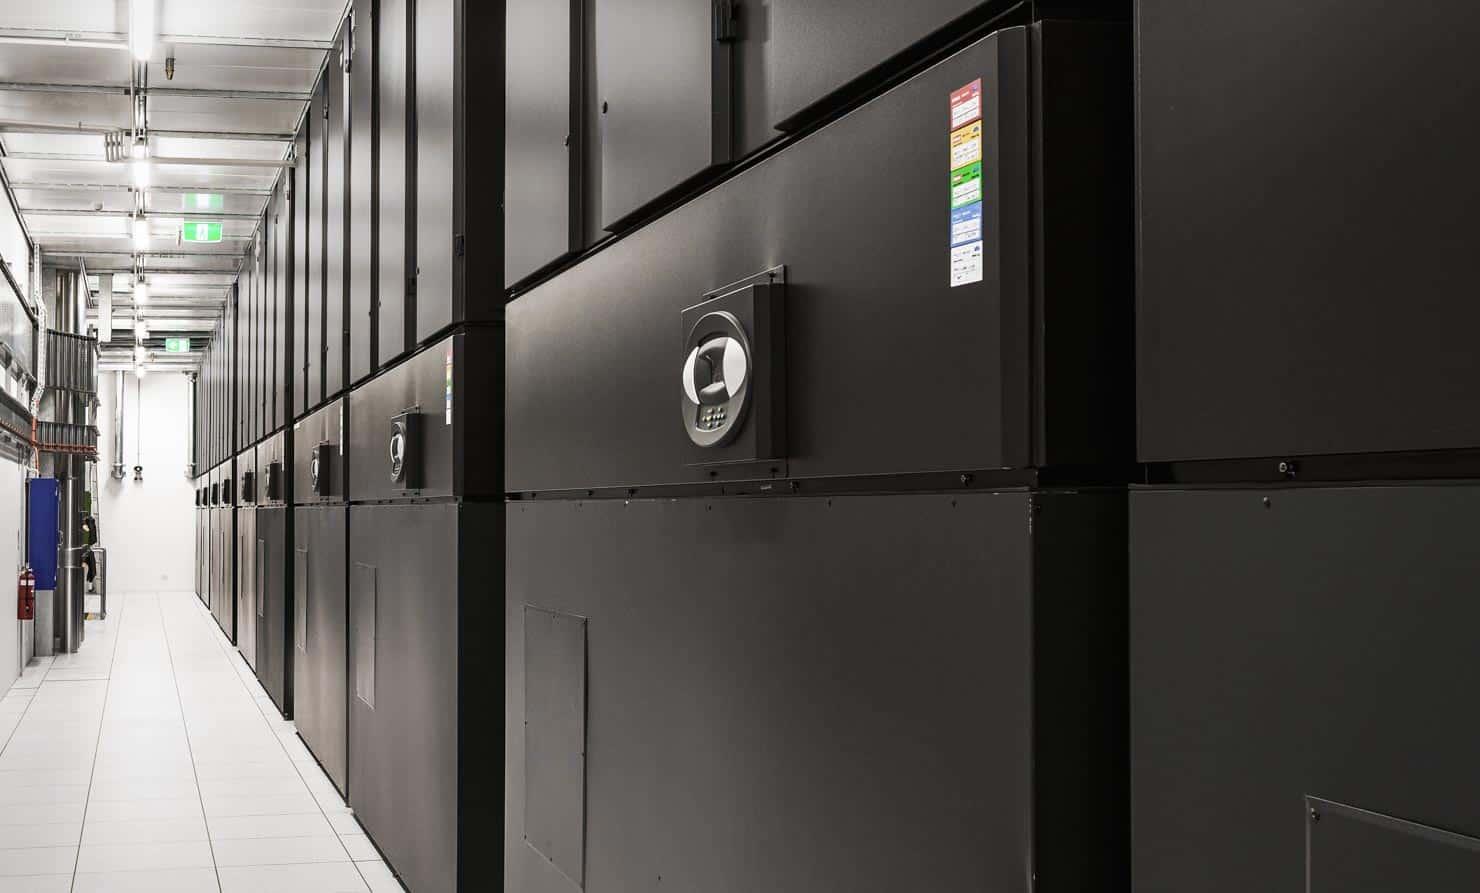 Inside an electronics warehousing installation